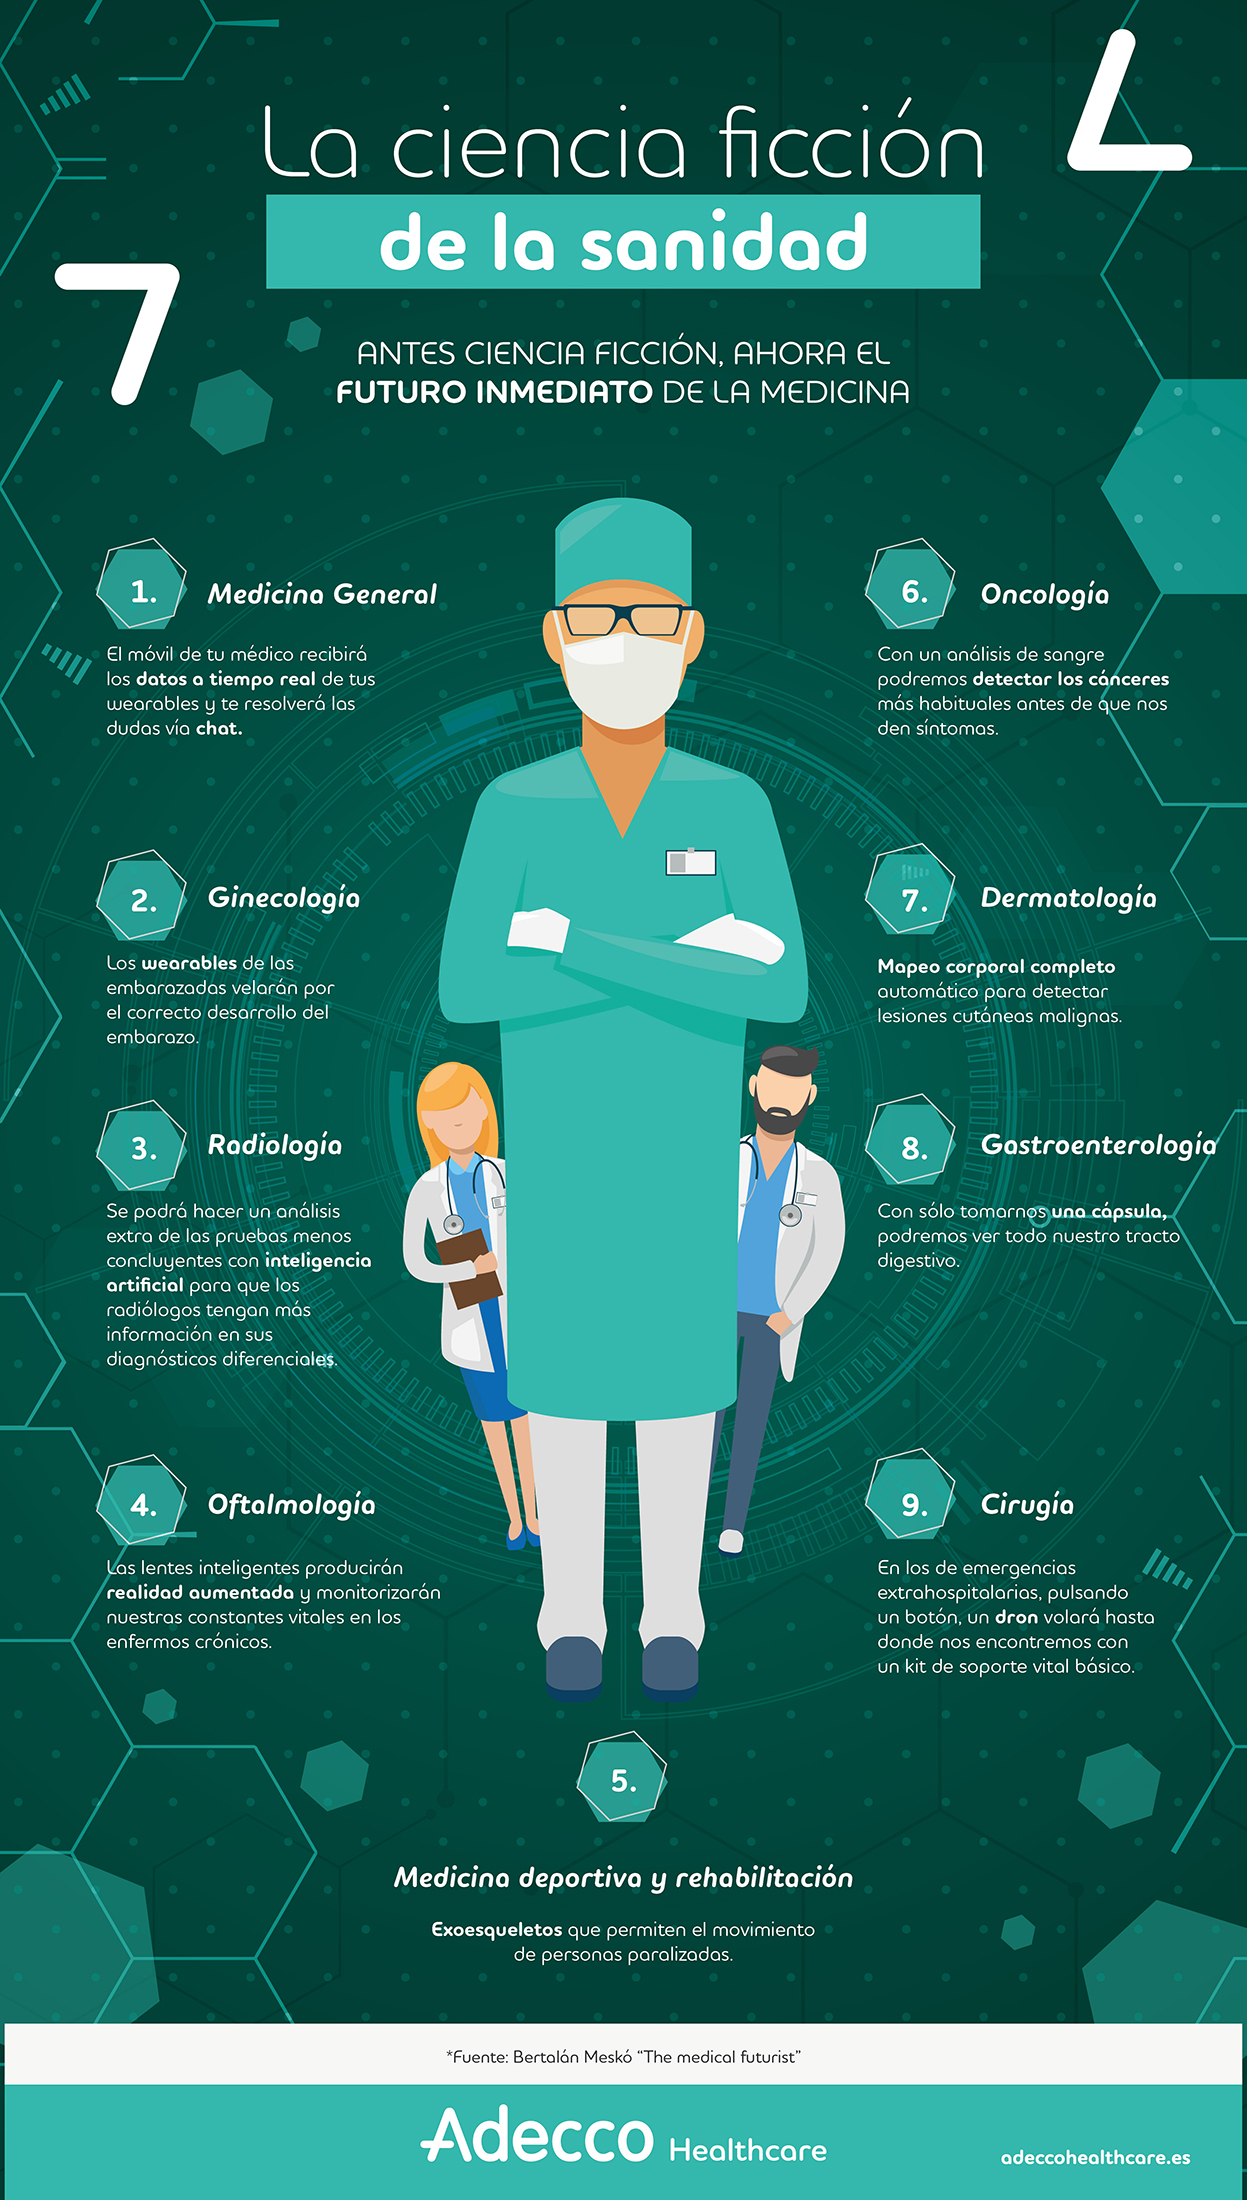 La ciencia ficción de la sanidad